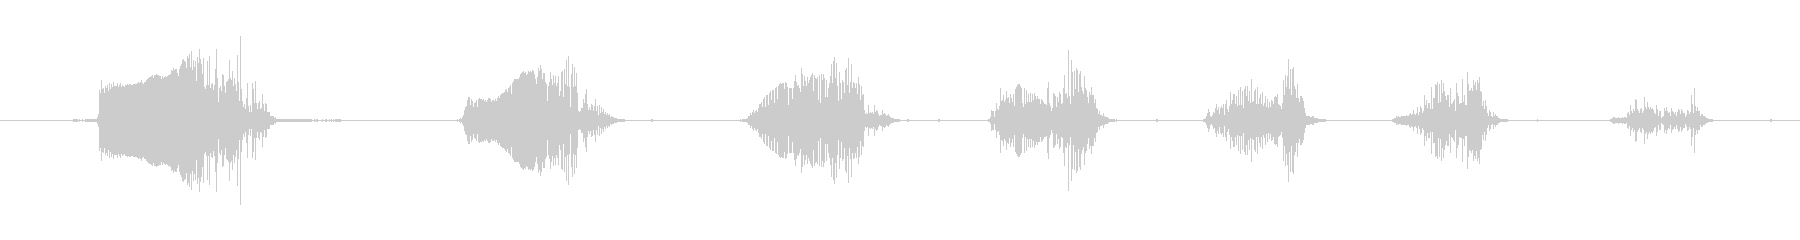 鳴き声 笑うグローター05の未再生の波形